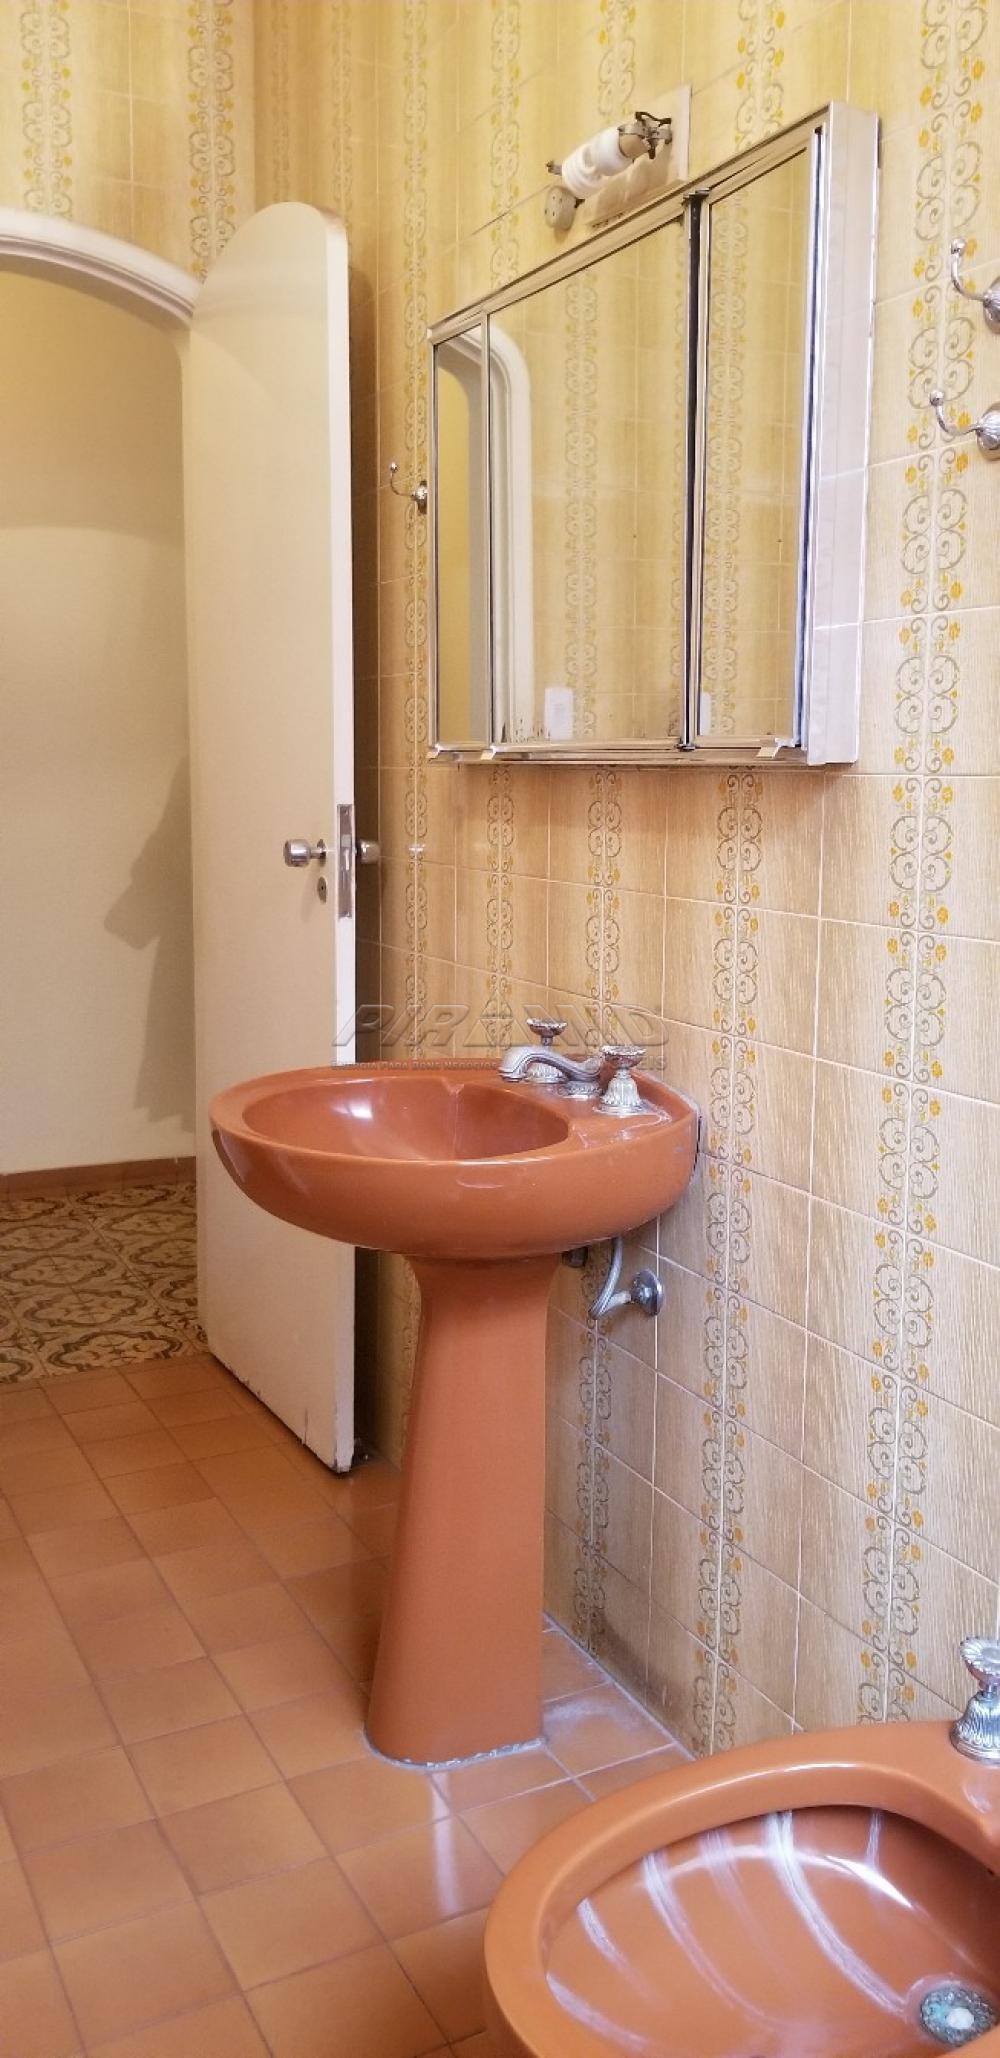 Alugar Casa / Padrão em Ribeirão Preto R$ 1.500,00 - Foto 17